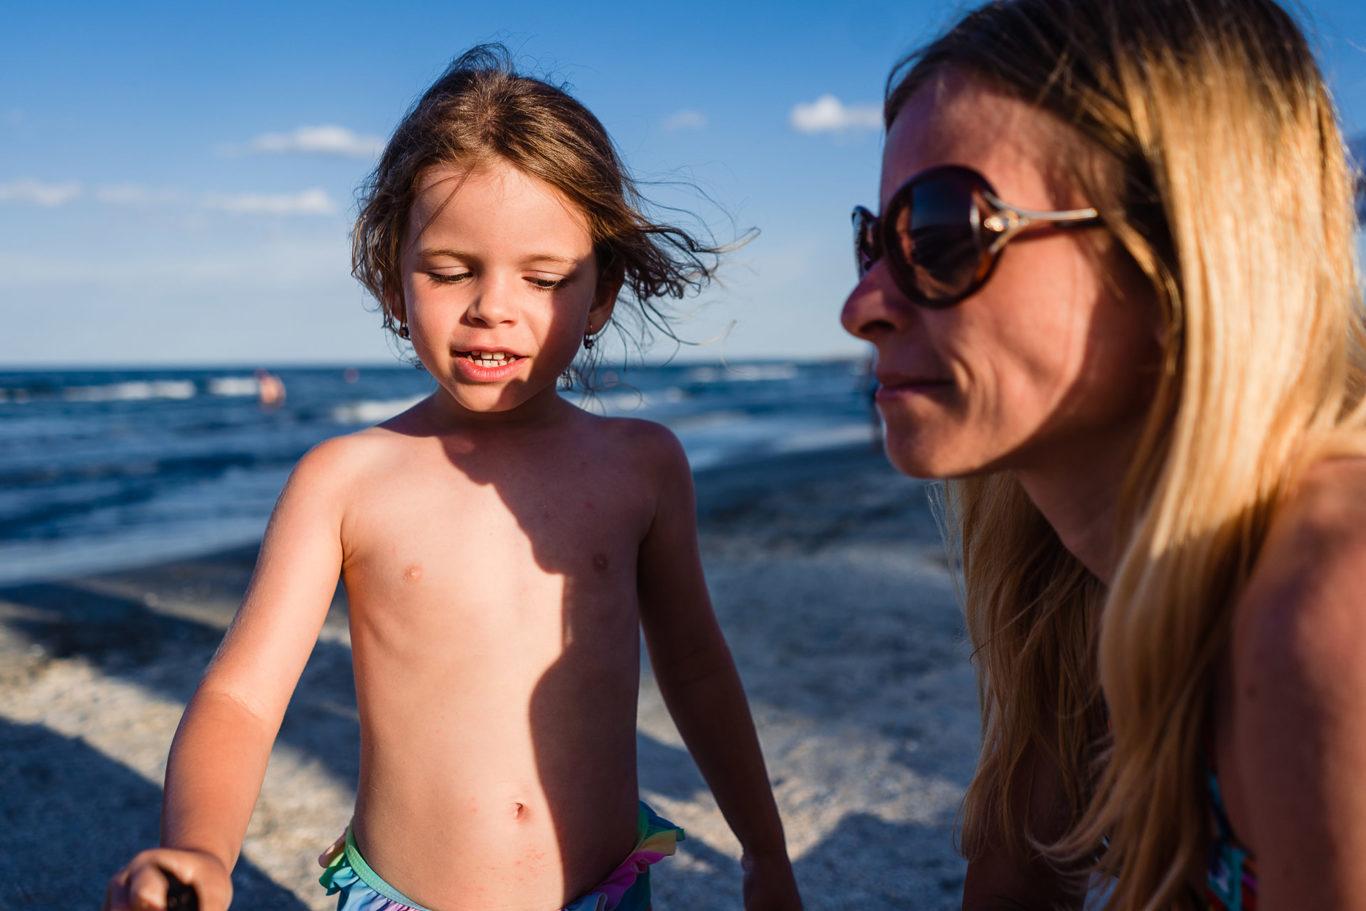 Cu mami la plaja - fotograf de familie Ciprian Dumitrescu